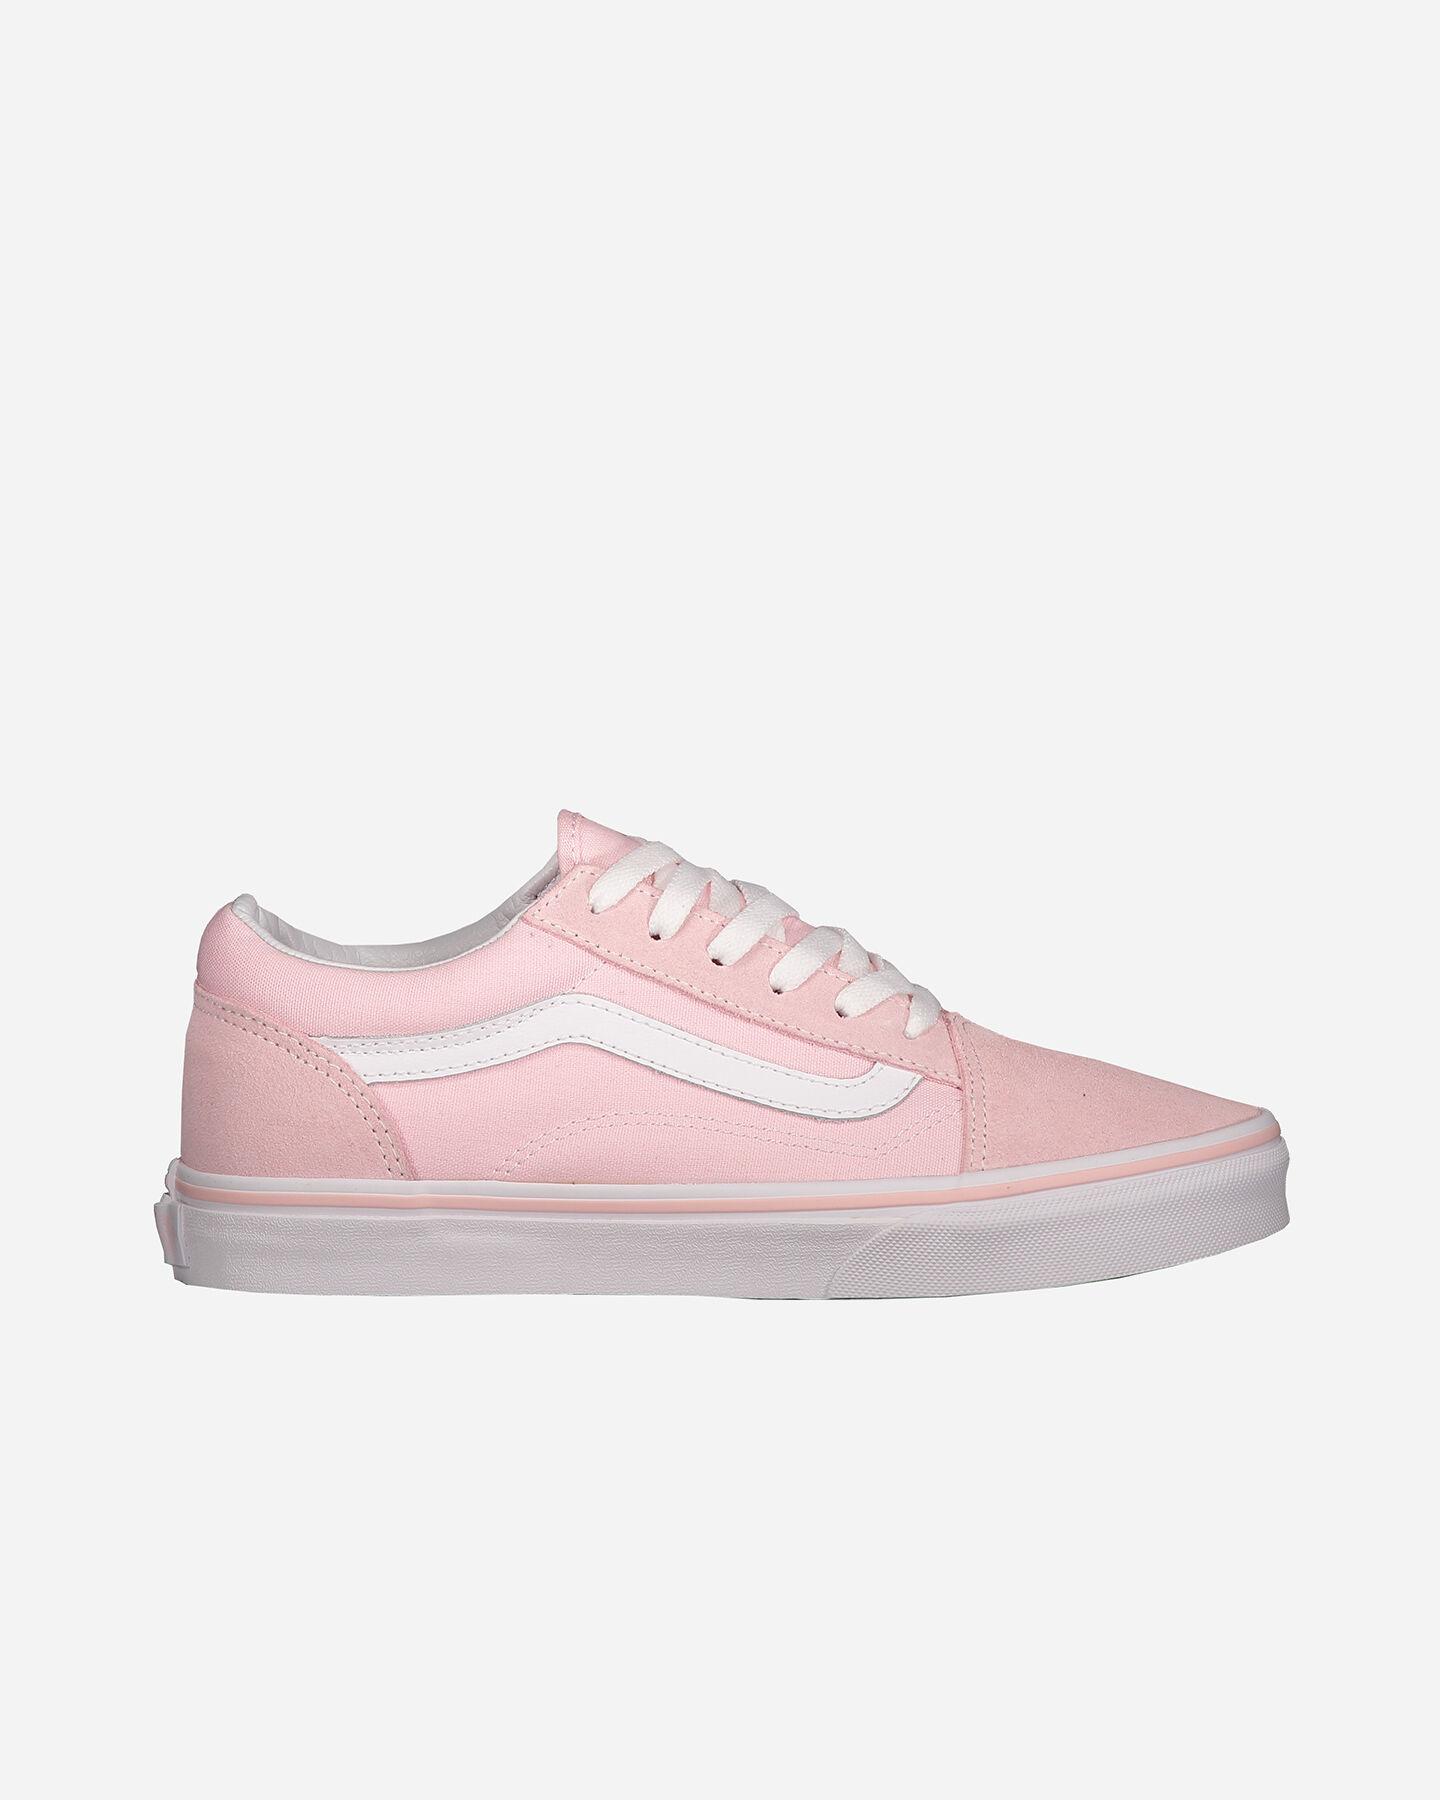 Sportswear Sport Vans Cisalfa Accessori Abbigliamento Sneakers E qwwUA0p